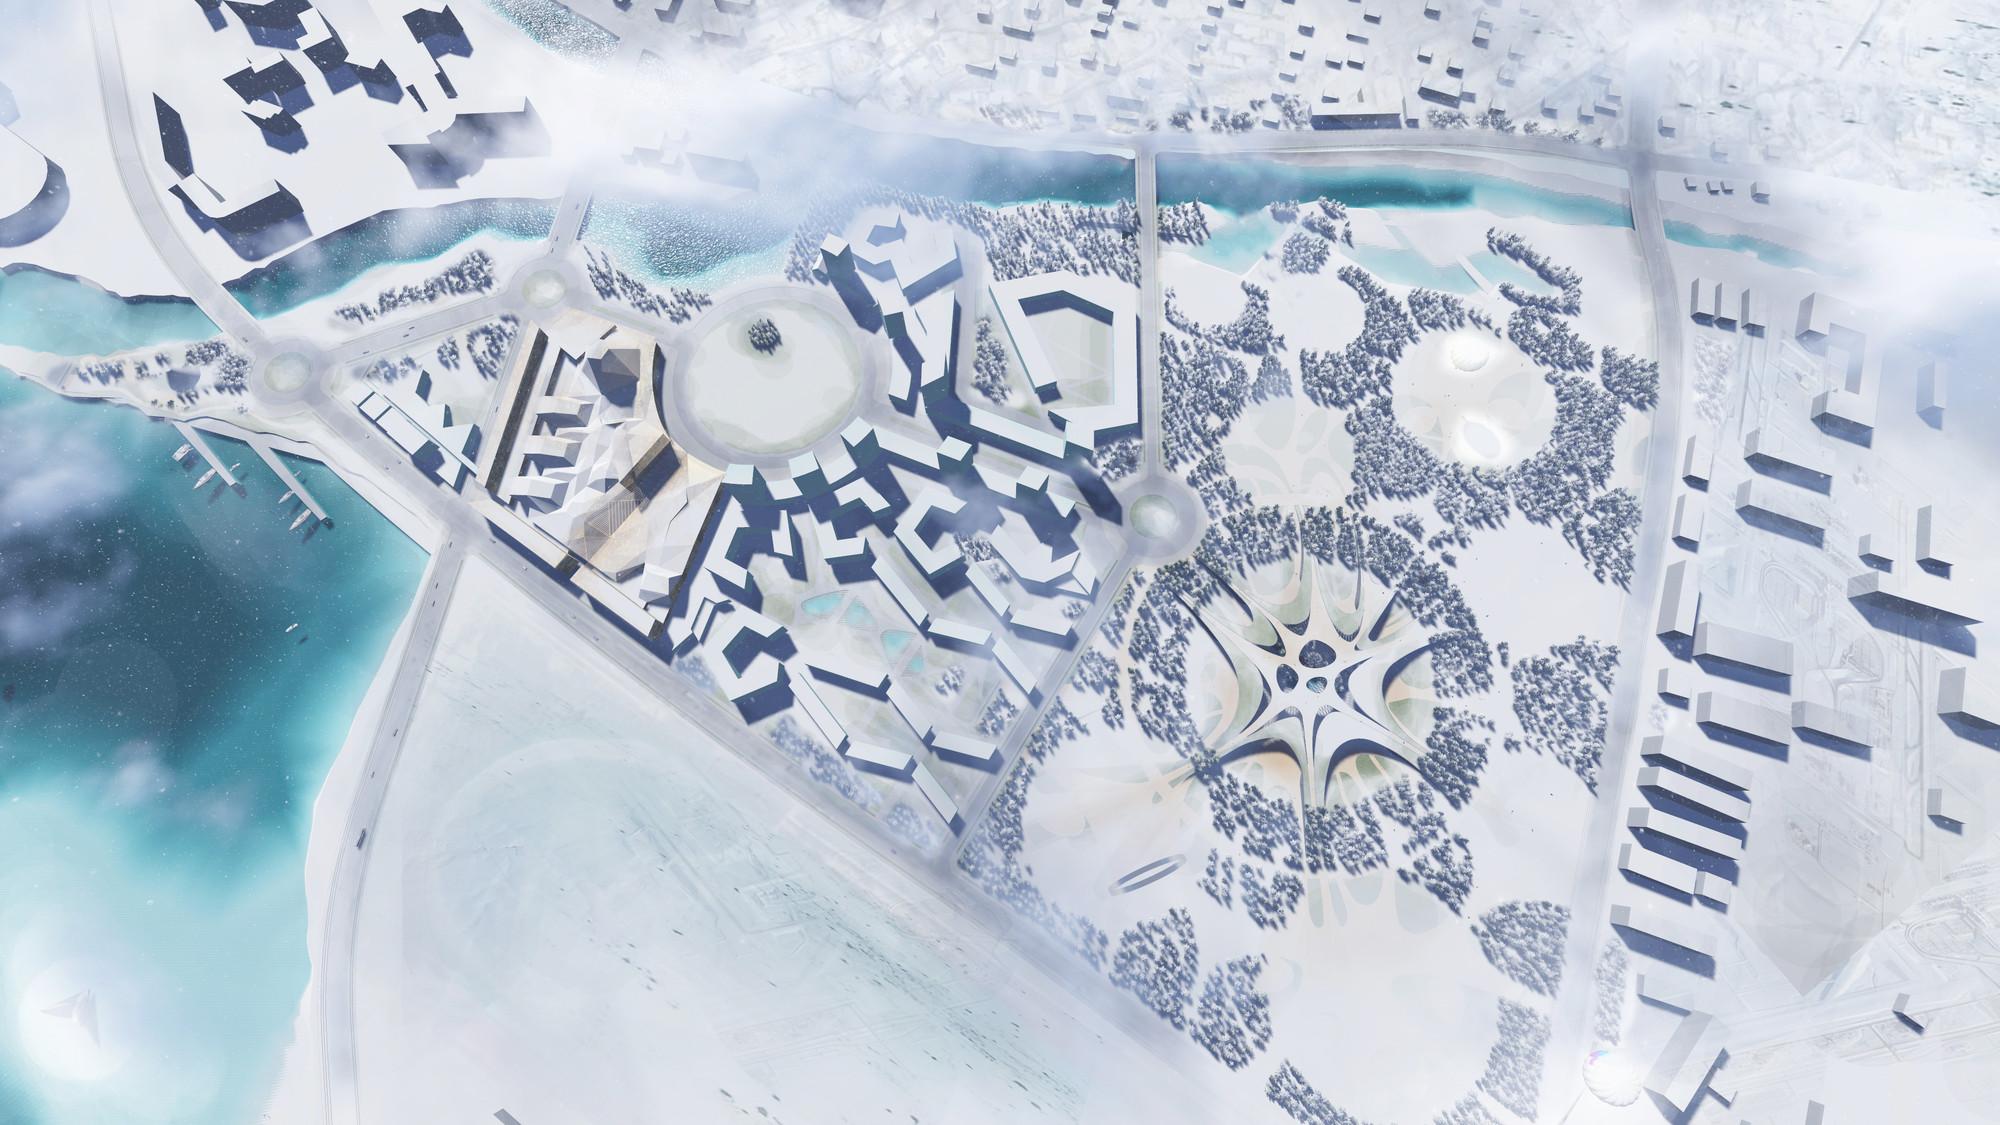 Vista general en invierno. Image Cortesia de Rubio Arquitectura